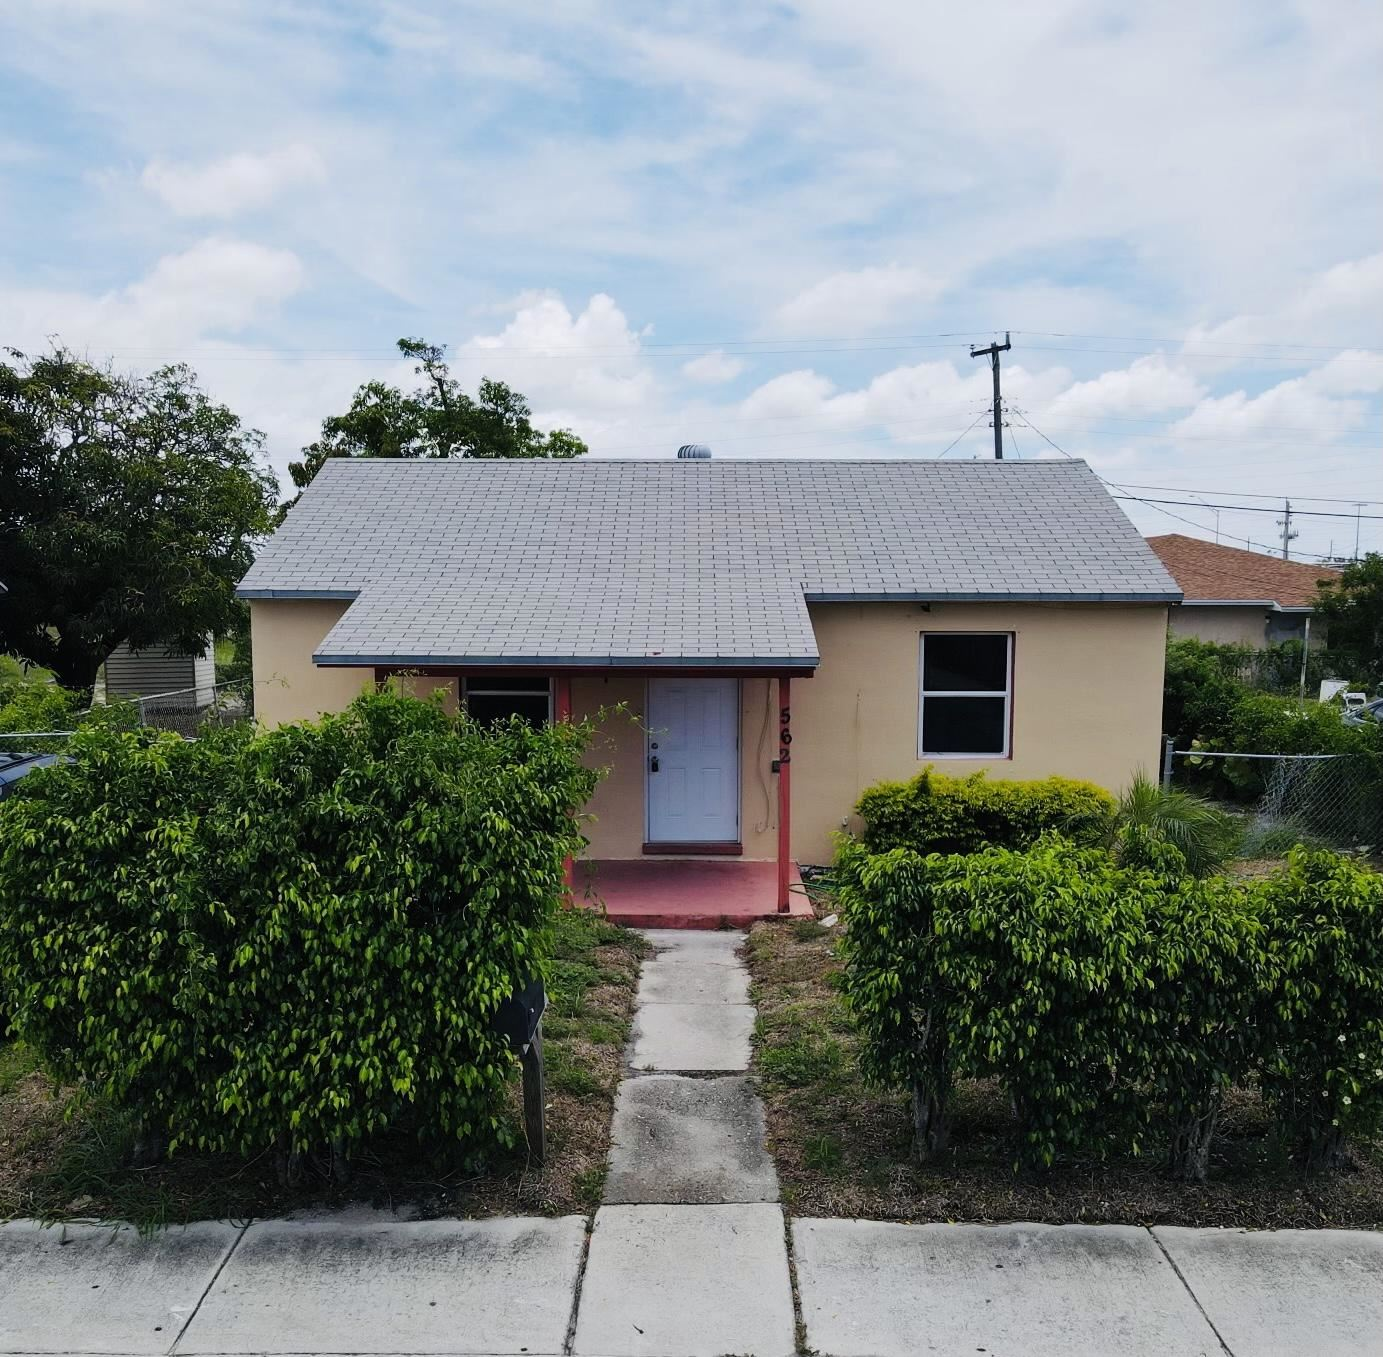 562 W 4th Street, Riviera Beach, FL 33404 - #: RX-10728708